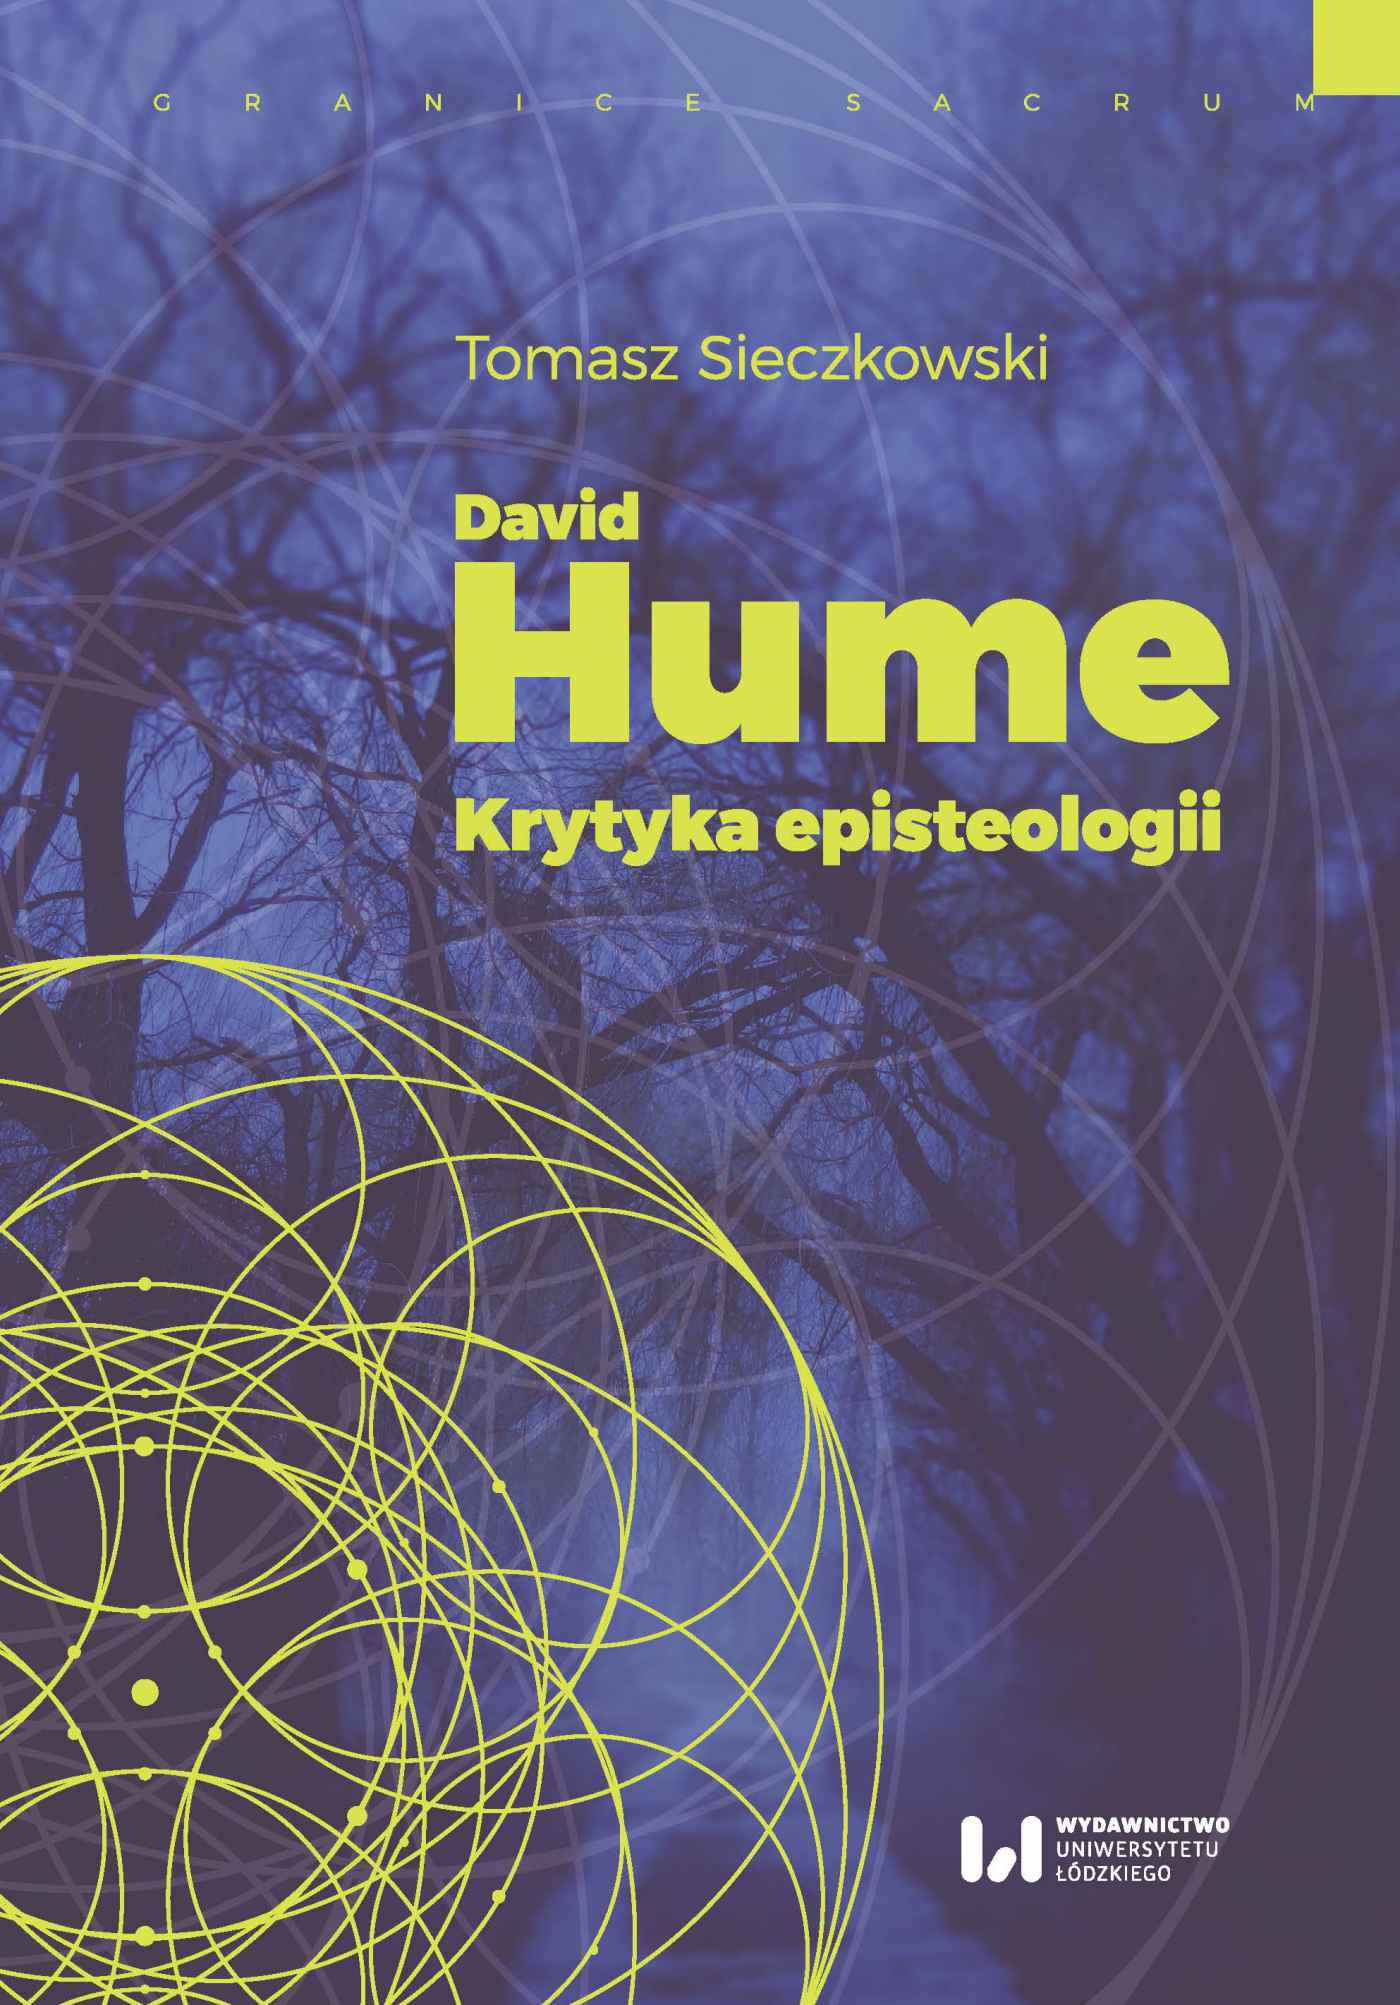 David Hume. Krytyka episteologii - Ebook (Książka PDF) do pobrania w formacie PDF